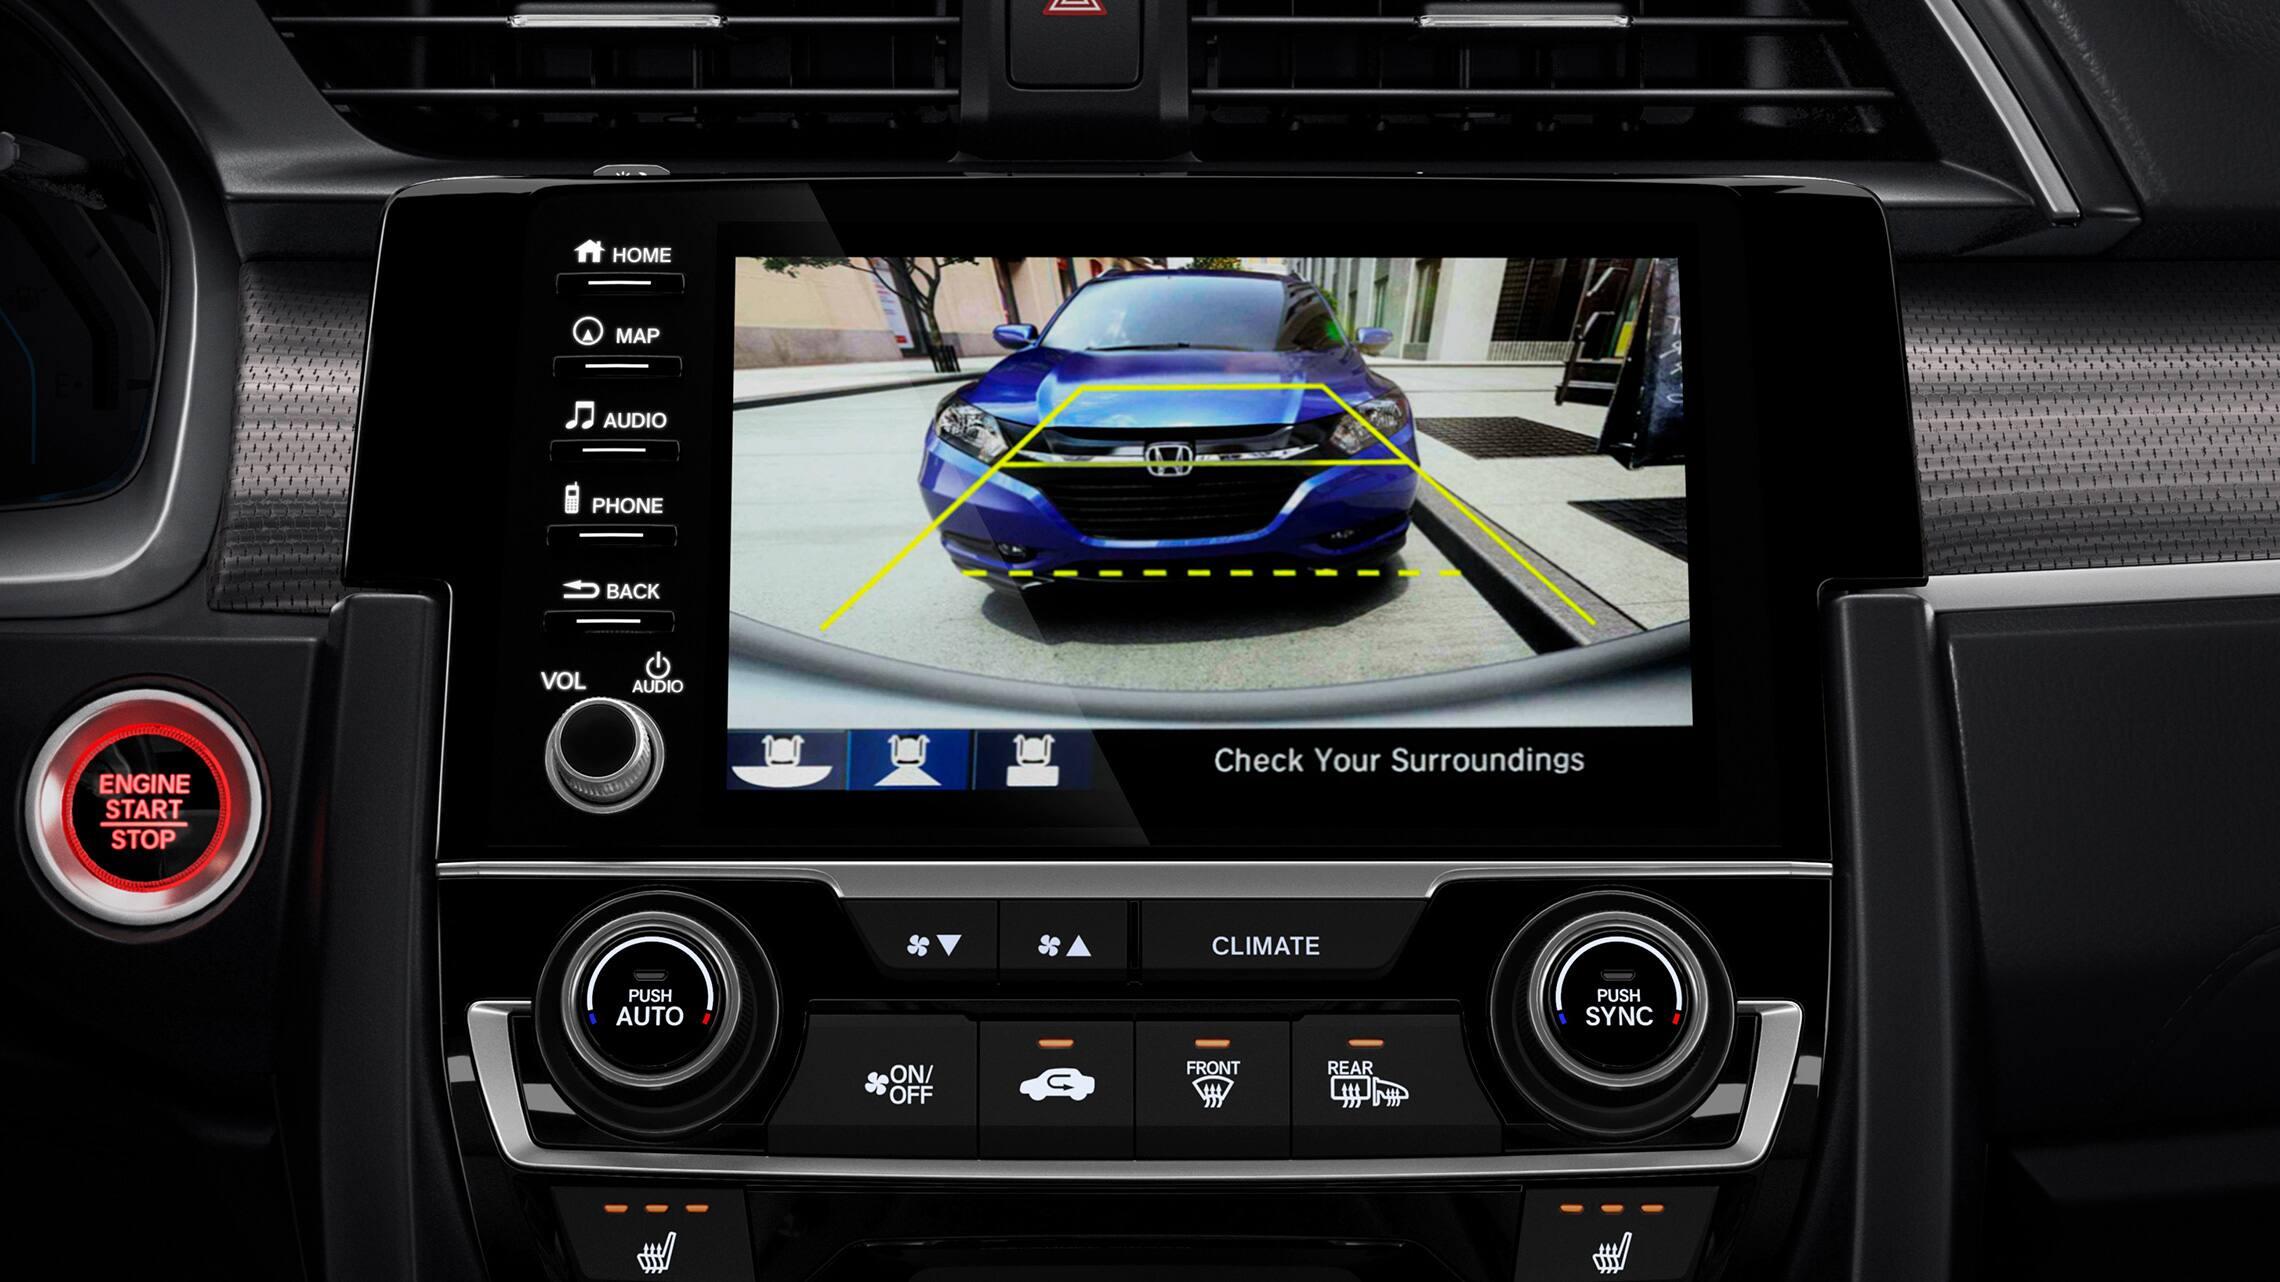 Detalle de la cámara de reversa multiángulo en el sistema de audio en pantalla táctil del Honda Civic Coupé2020.